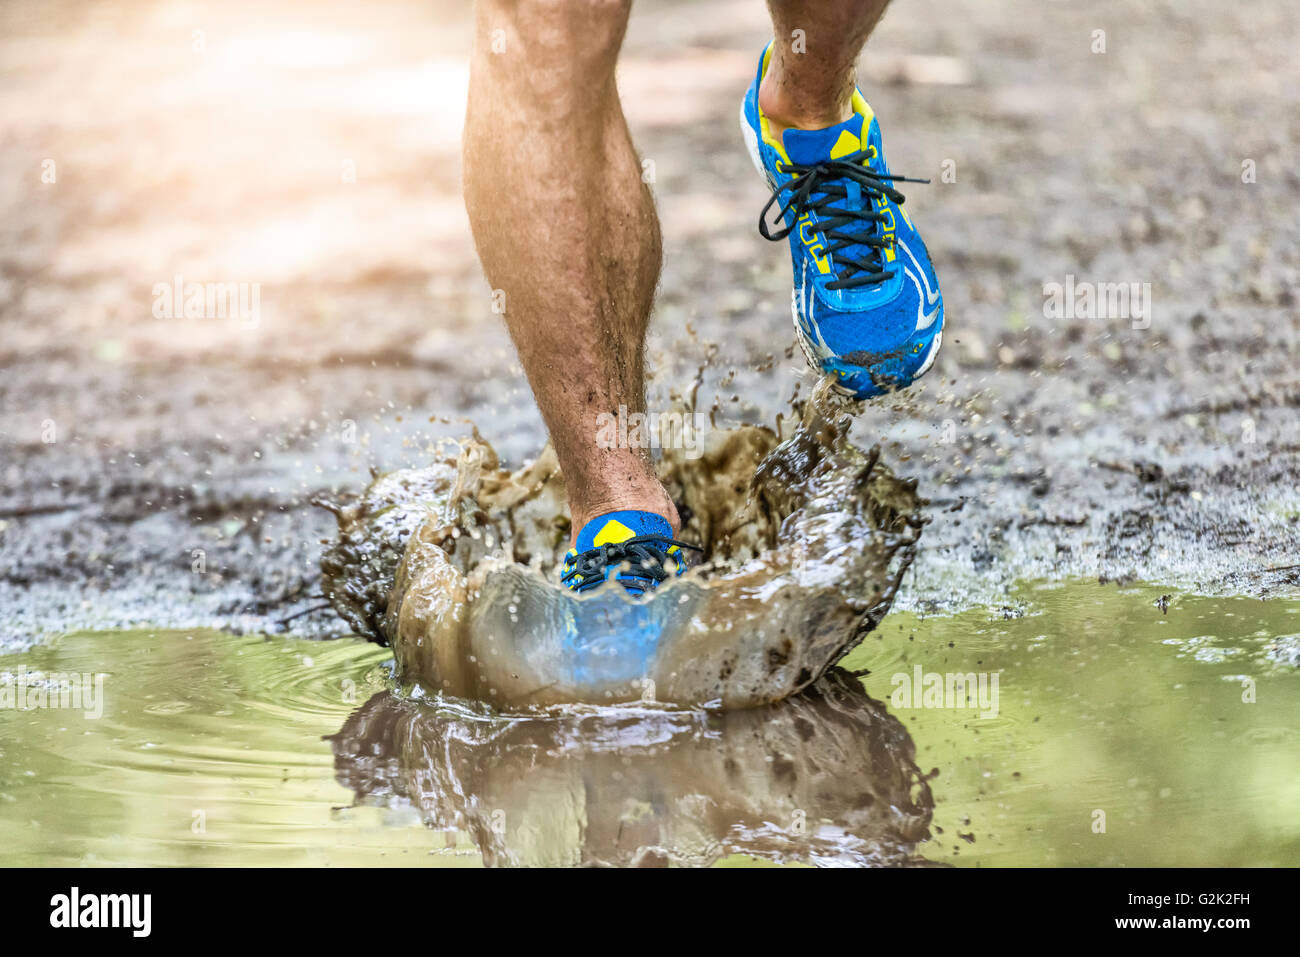 In funzione uomo a camminare in una pozza, schizzi le sue scarpe. Cross country trail. Azione di congelamento Immagini Stock